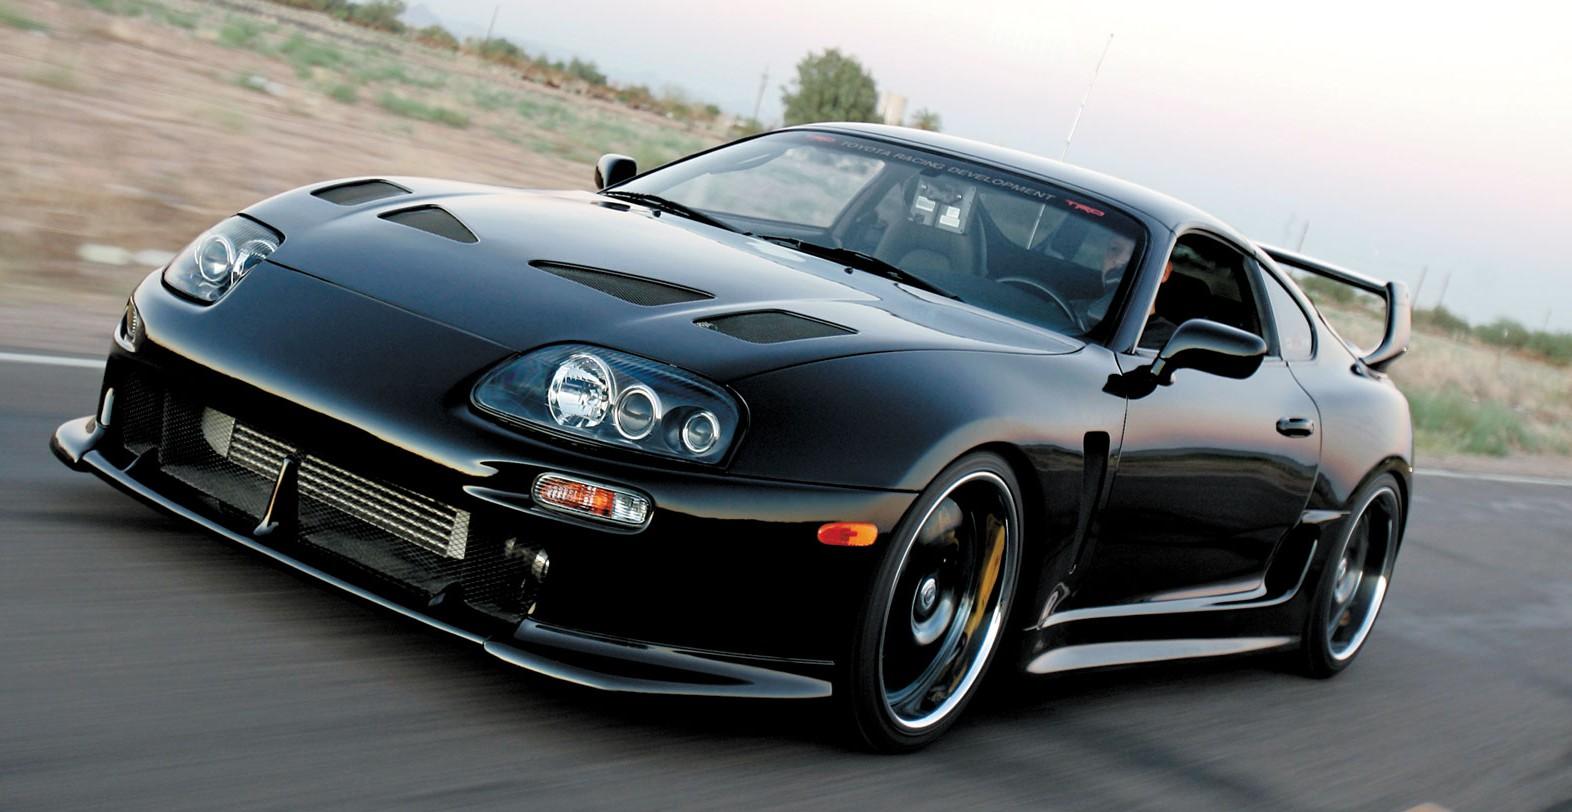 Toyota Supra là dòng xe đua cực kỳ nổi tiếng của Toyota